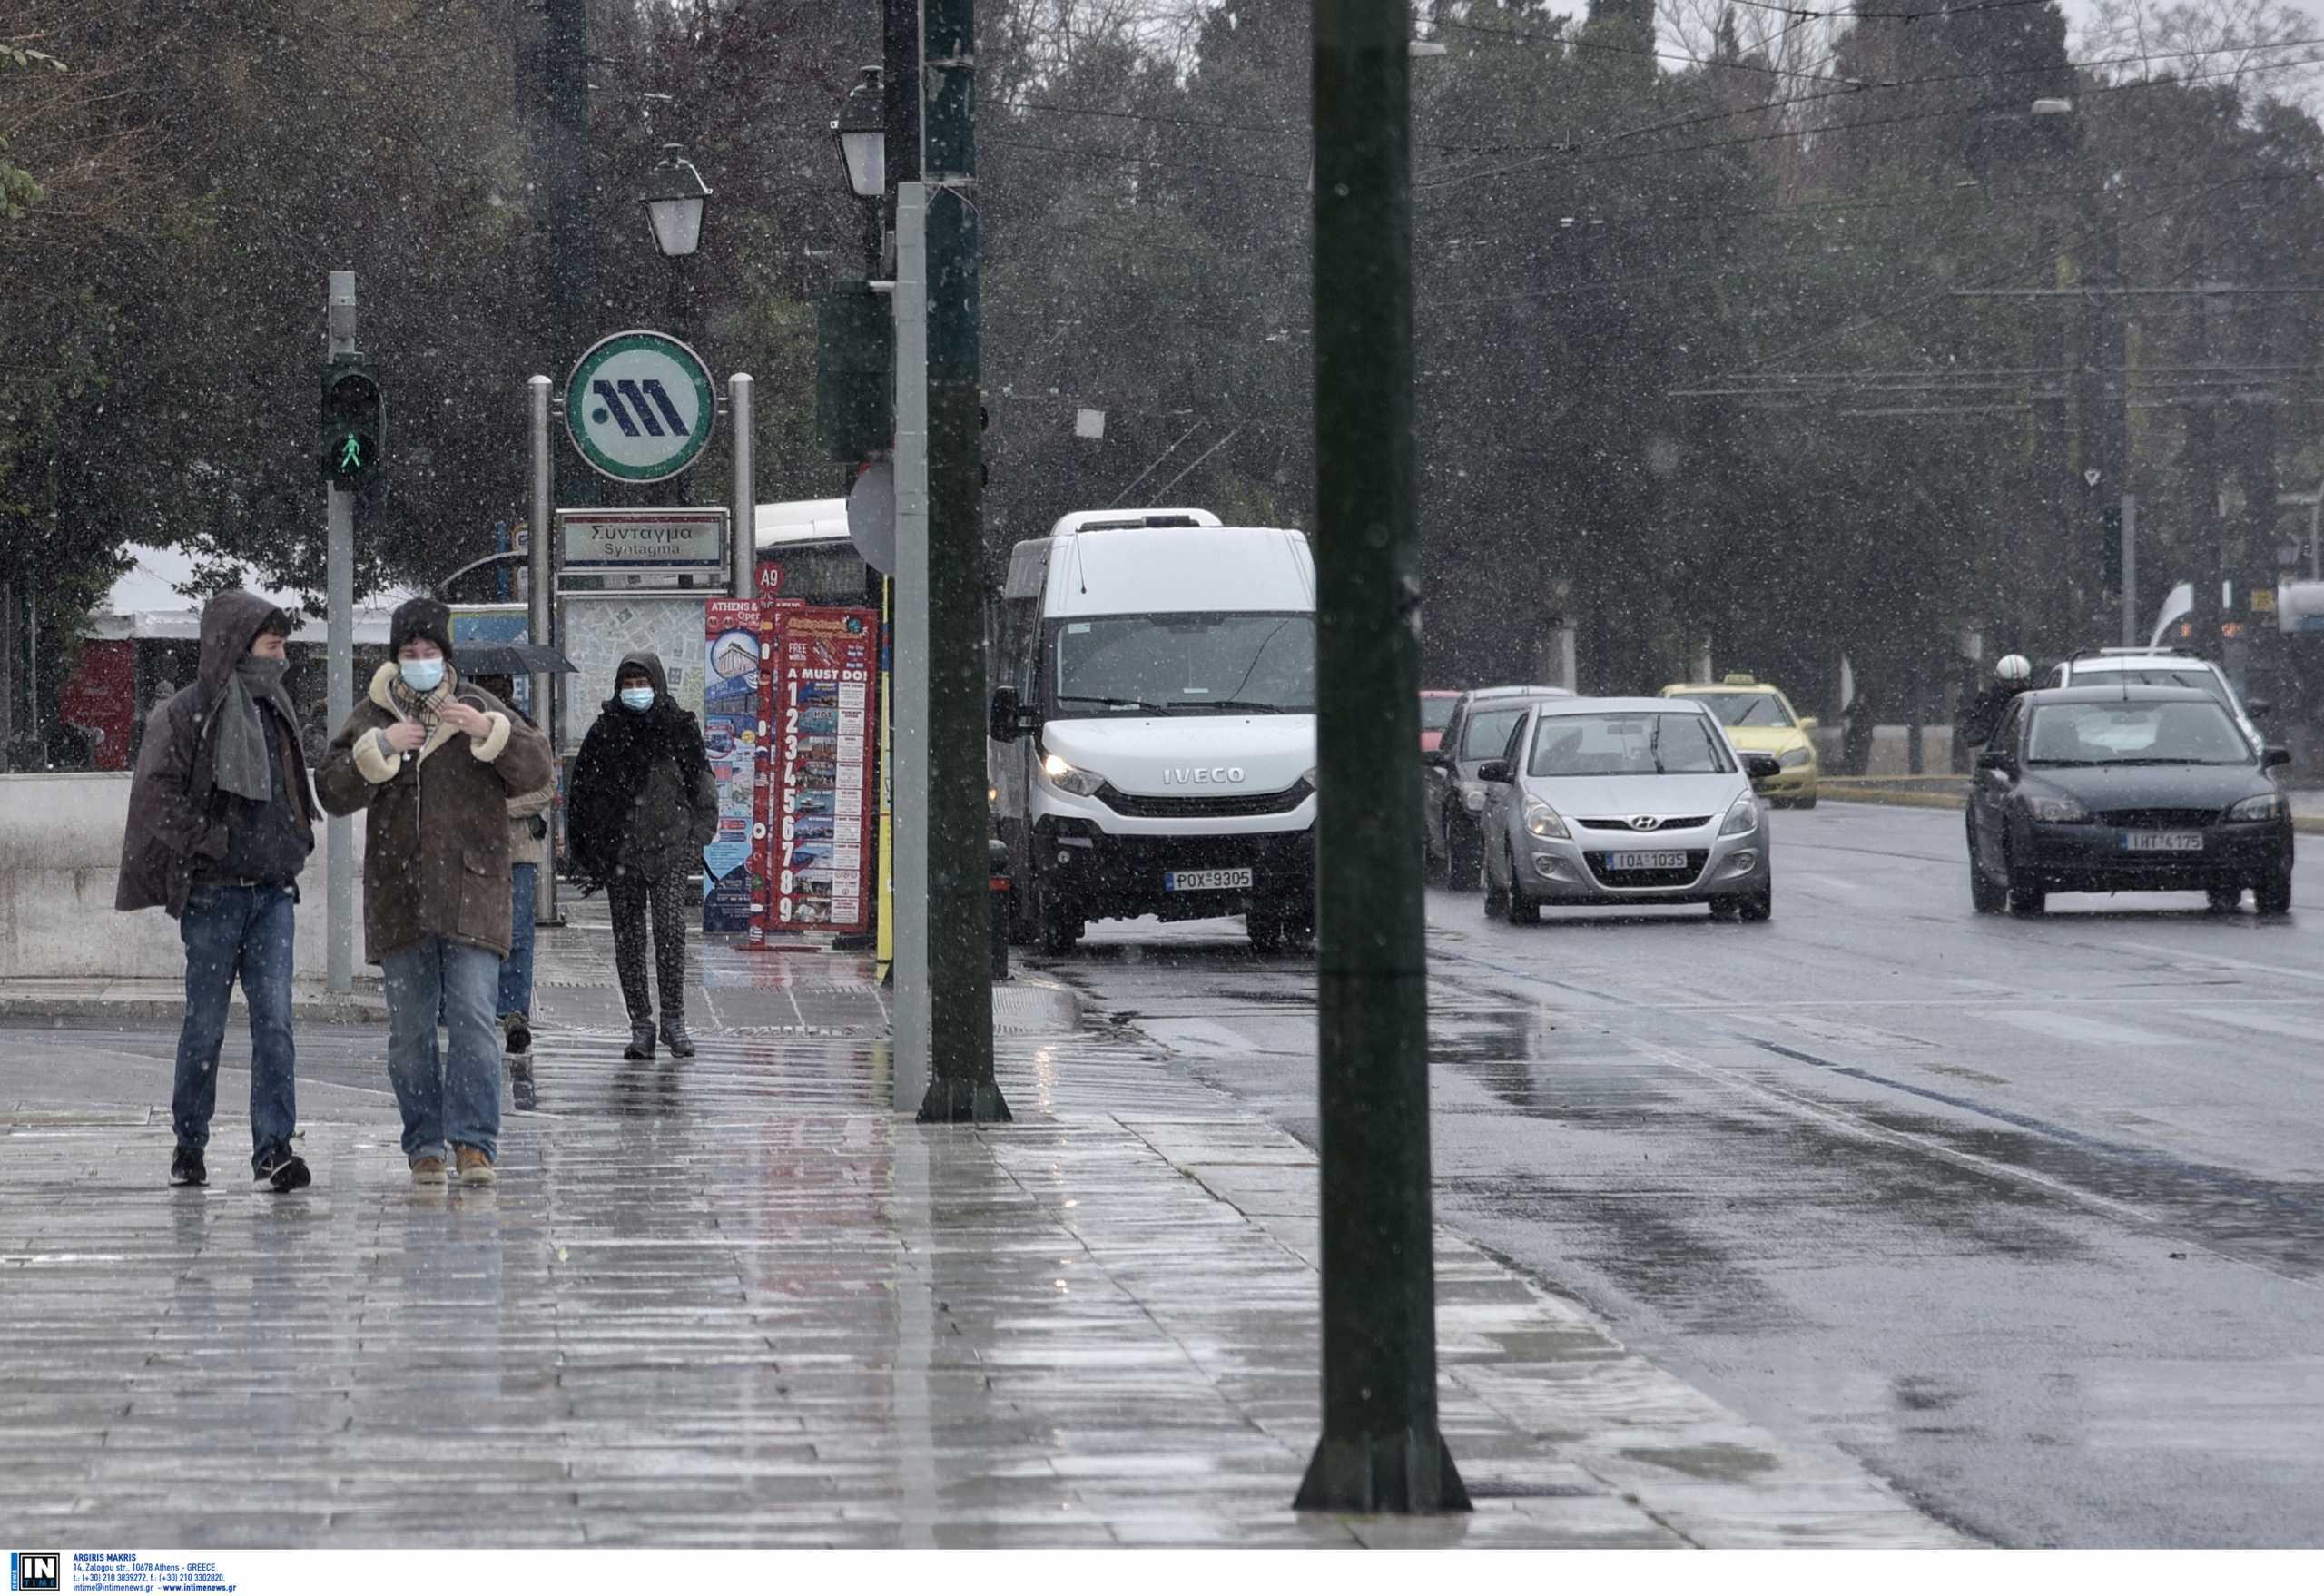 Καιρός – meteo: Ο φετινός Μάρτιος ήταν από τους πιο κρύους των τελευταίων ετών